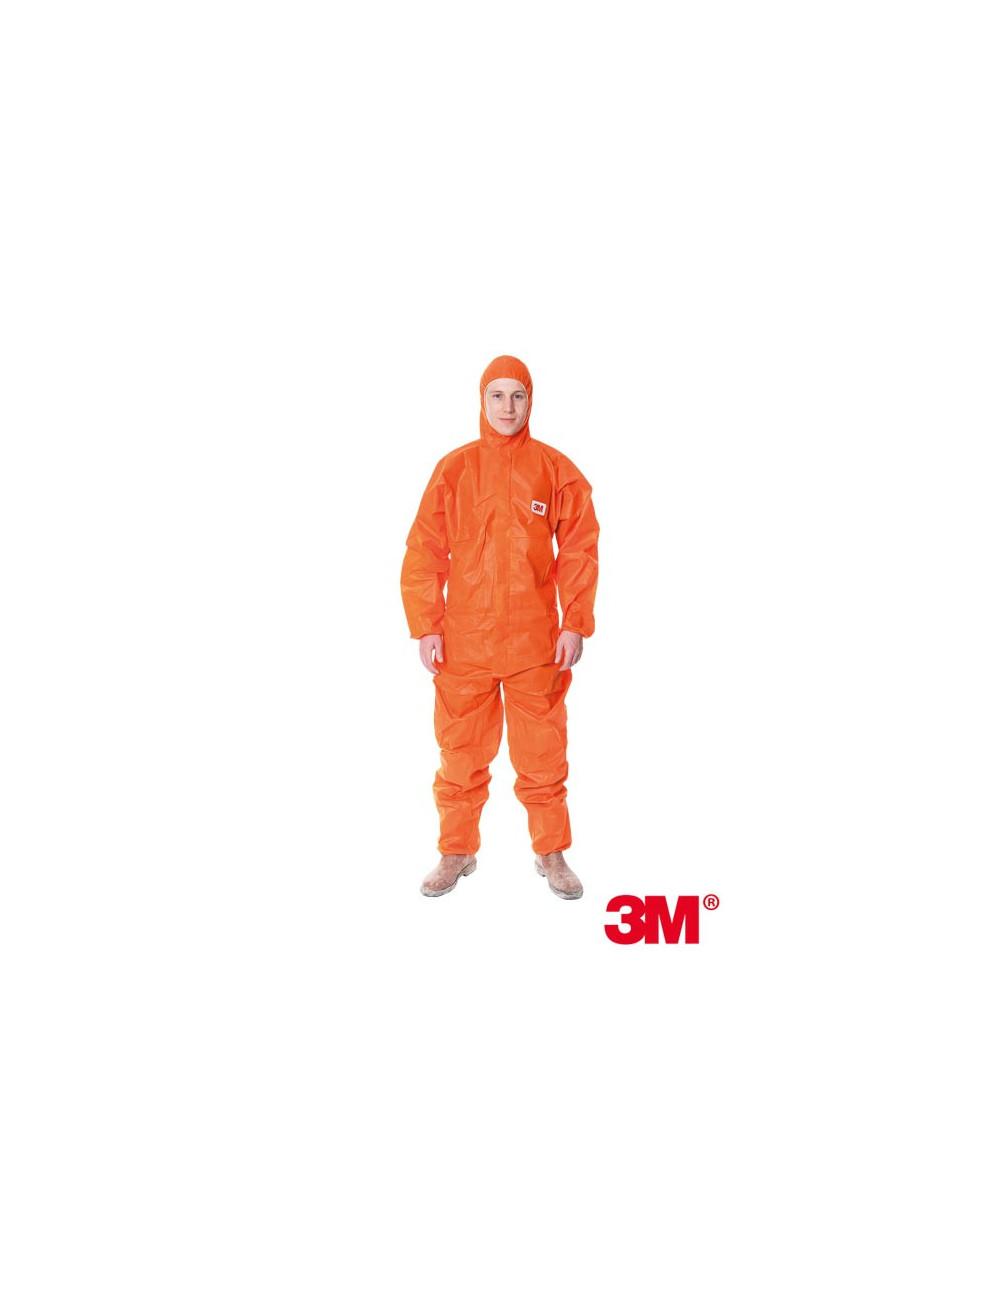 3M KOMBINEZON OCHRONNY 3M-KOM-4515 P POMARAŃCZOWY